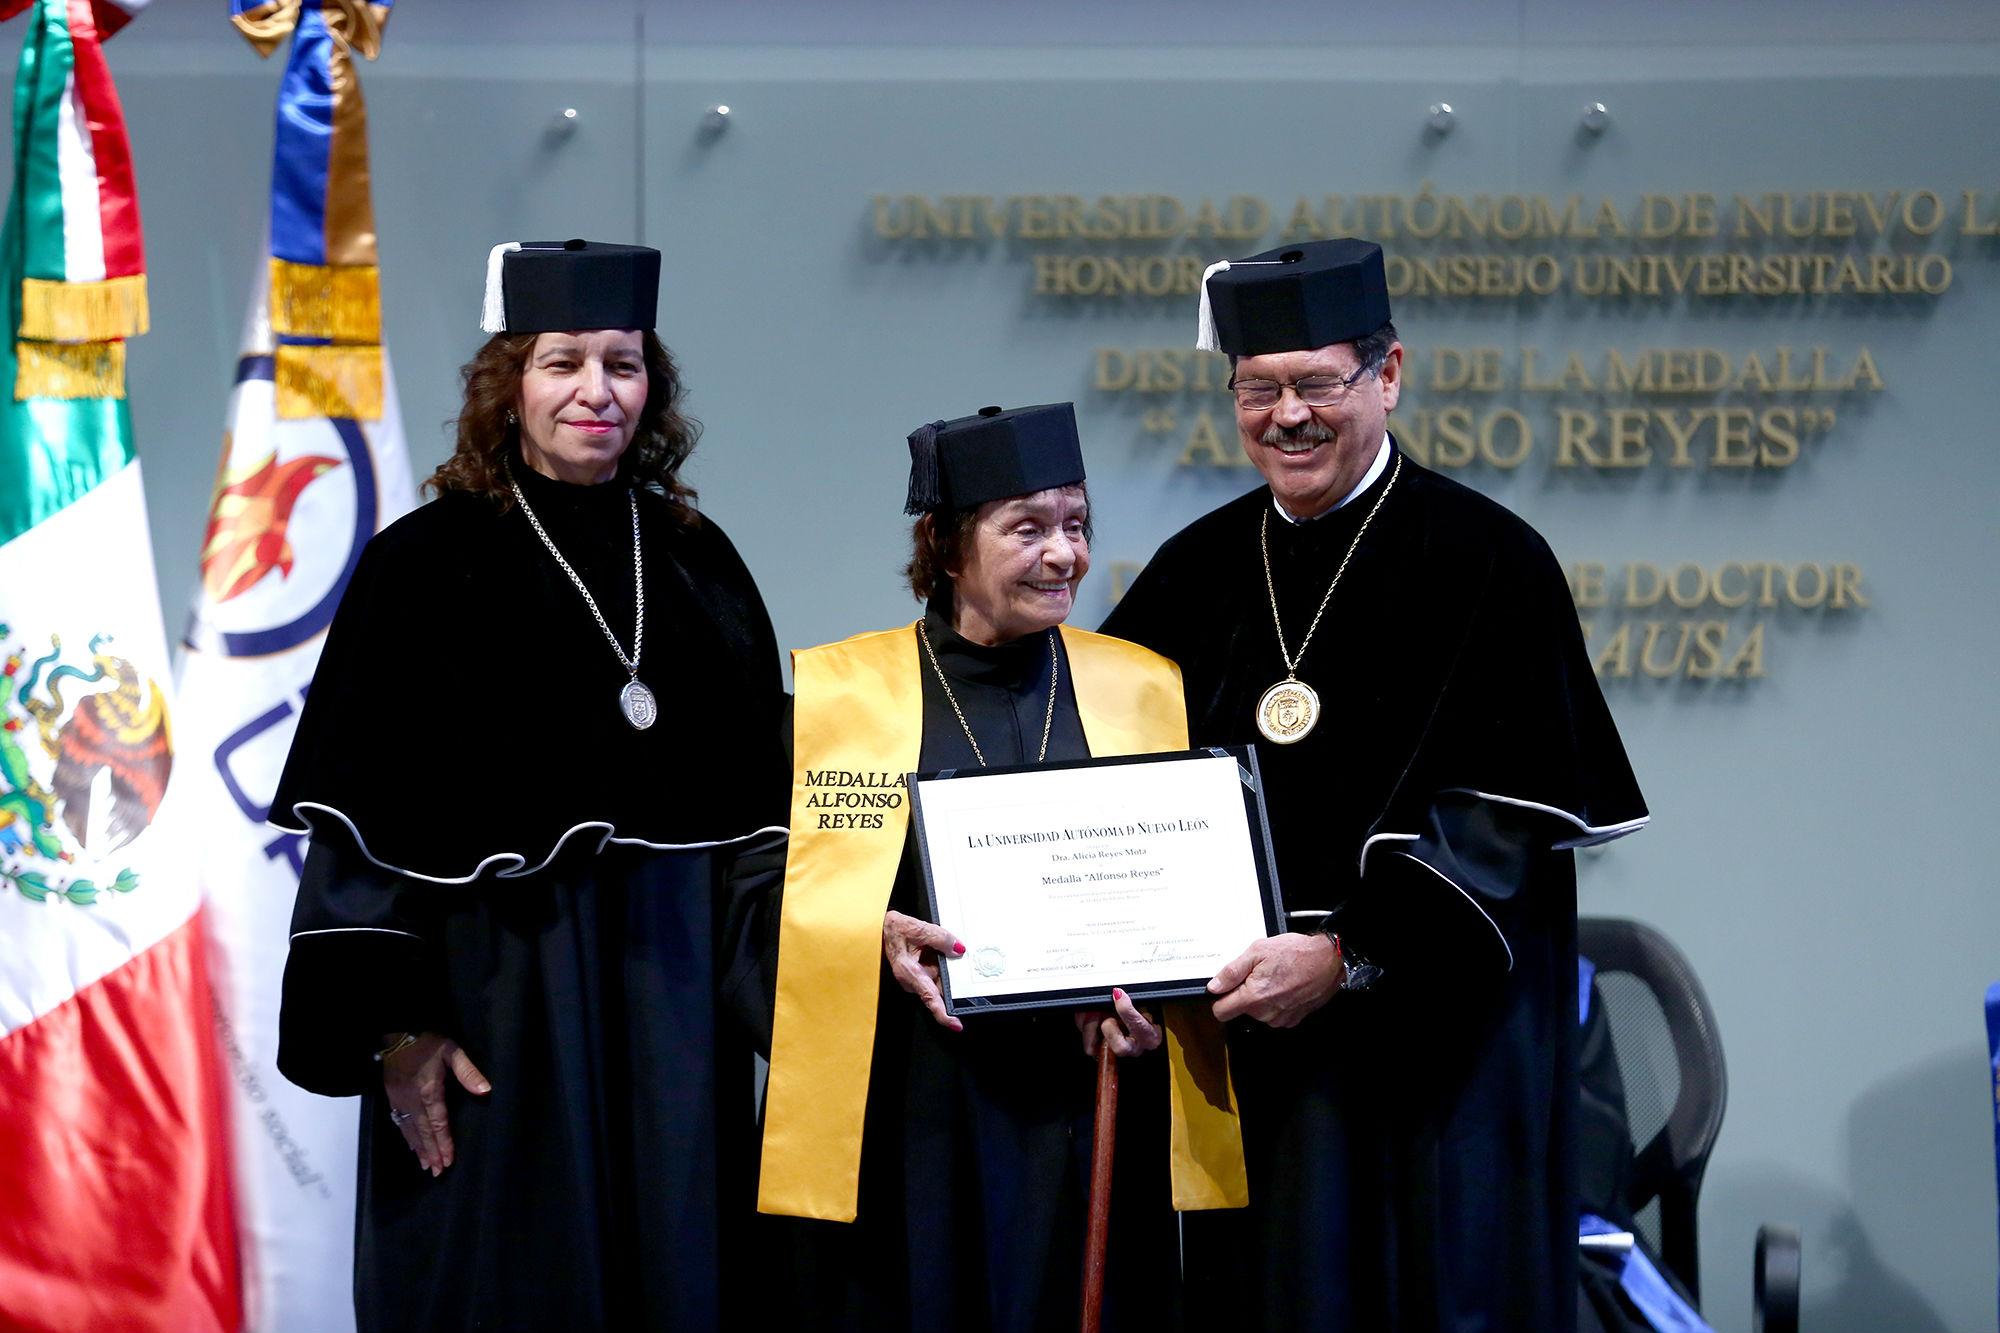 Reconocimiento que avala la Medalla Alfonso Reyes a la nieta del Regiomontano universal